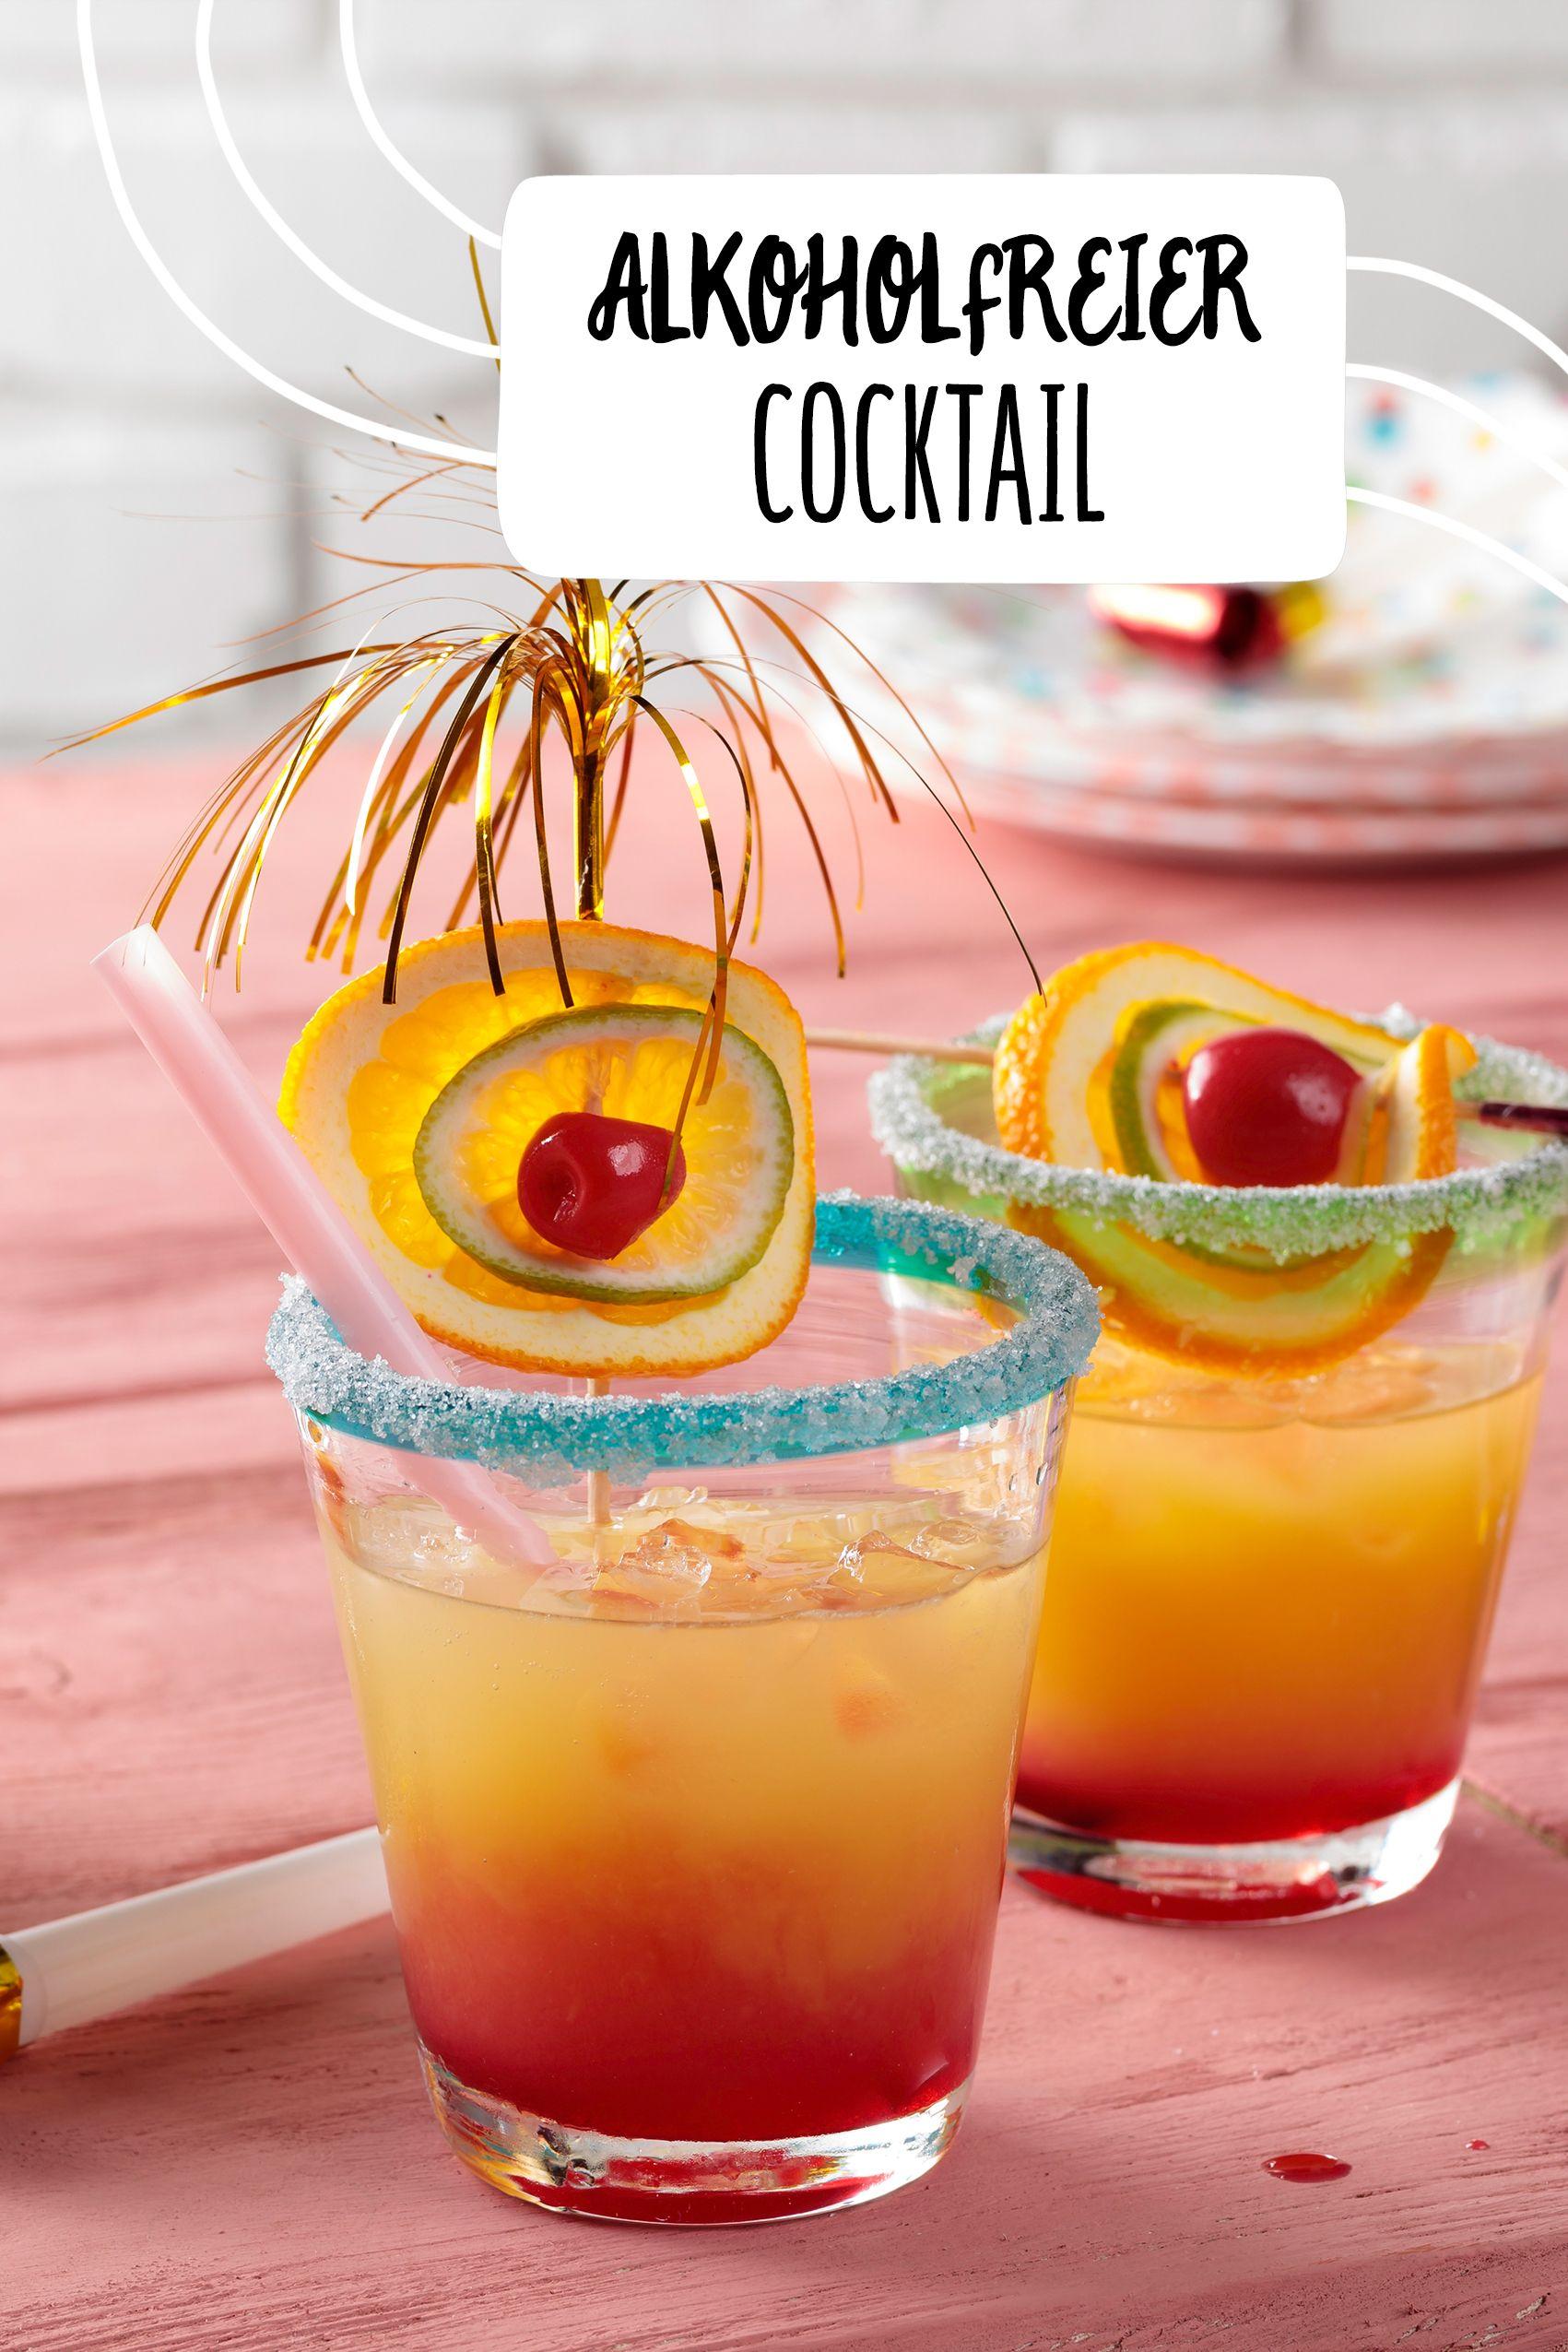 627284c22d4bf13ae943e9d46783c530 - Alkoholfreie Cocktail Rezepte